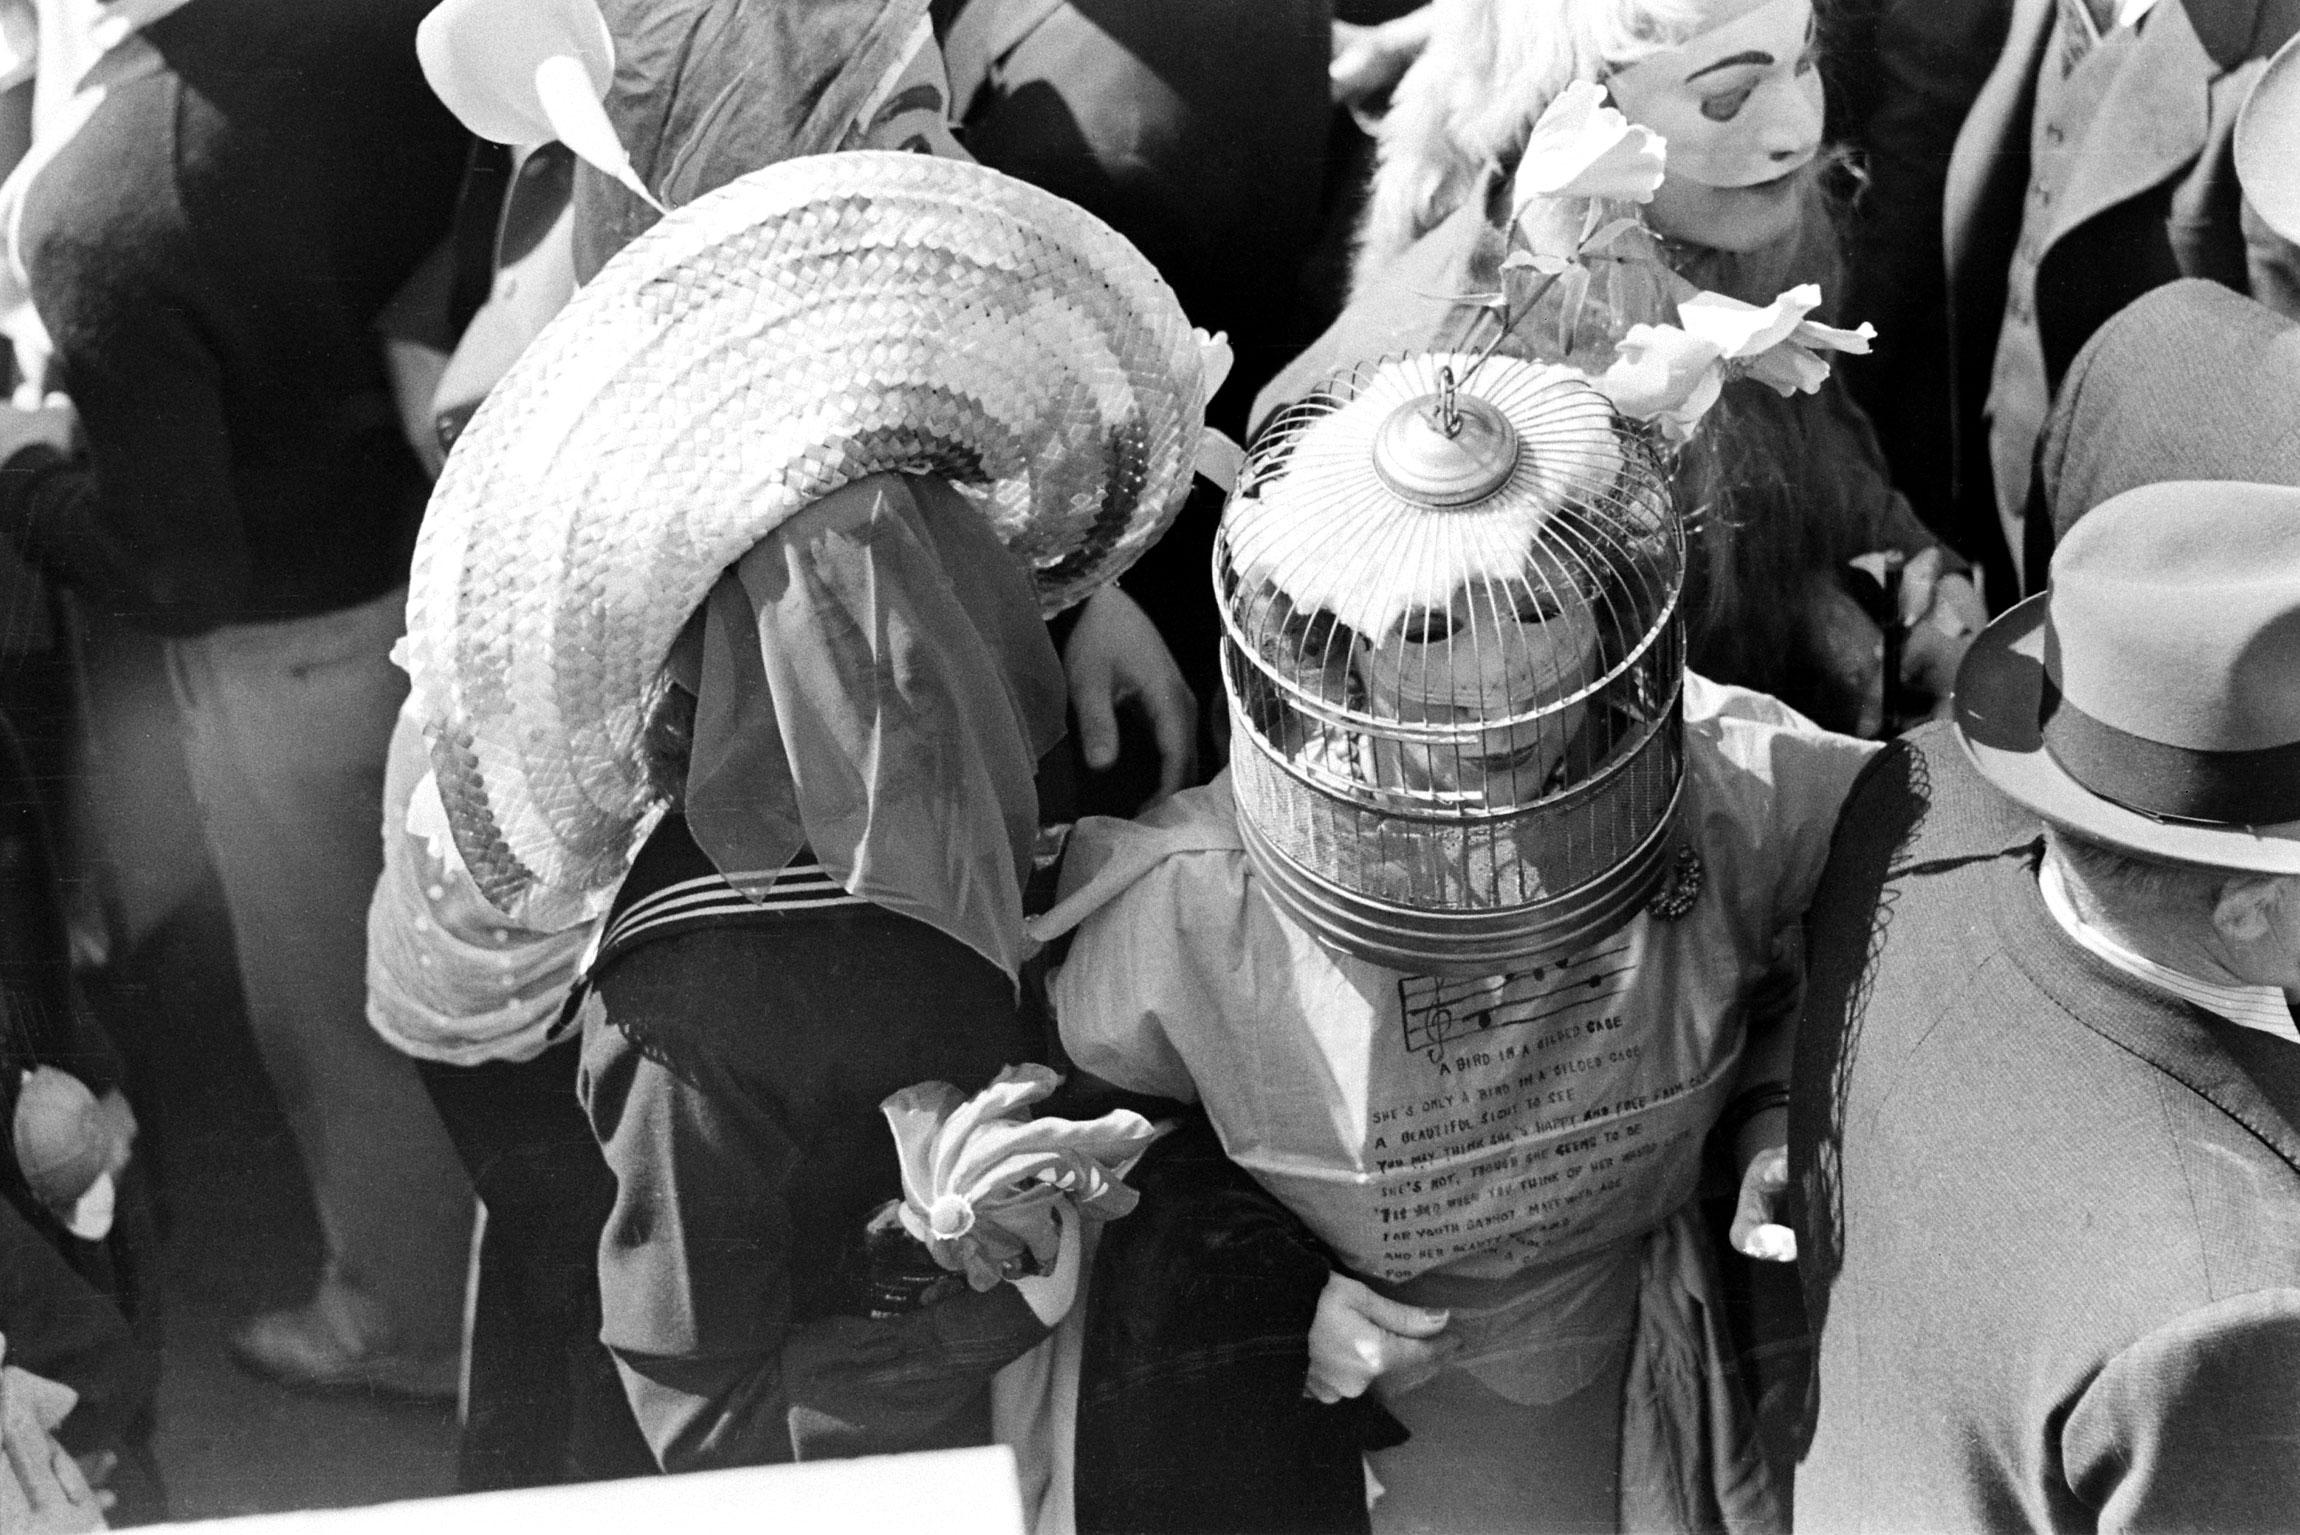 Mardi Gras revelers, New Orleans, 1938.